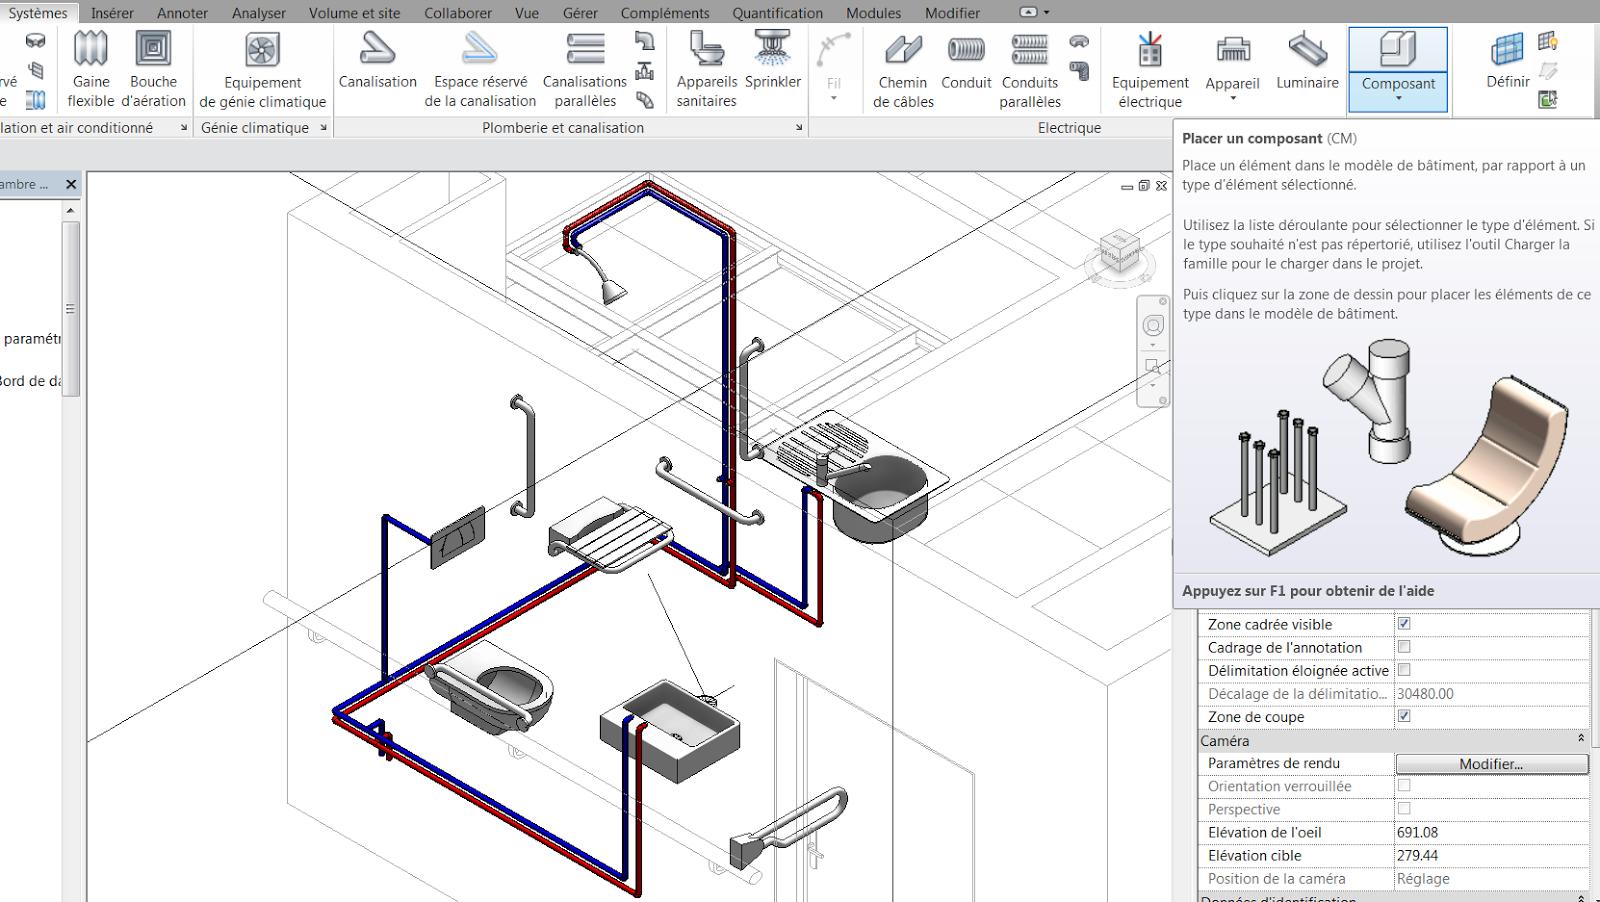 Systèmes composant placer un composant charger la famille mep plomberie equipement connecteurs raccord